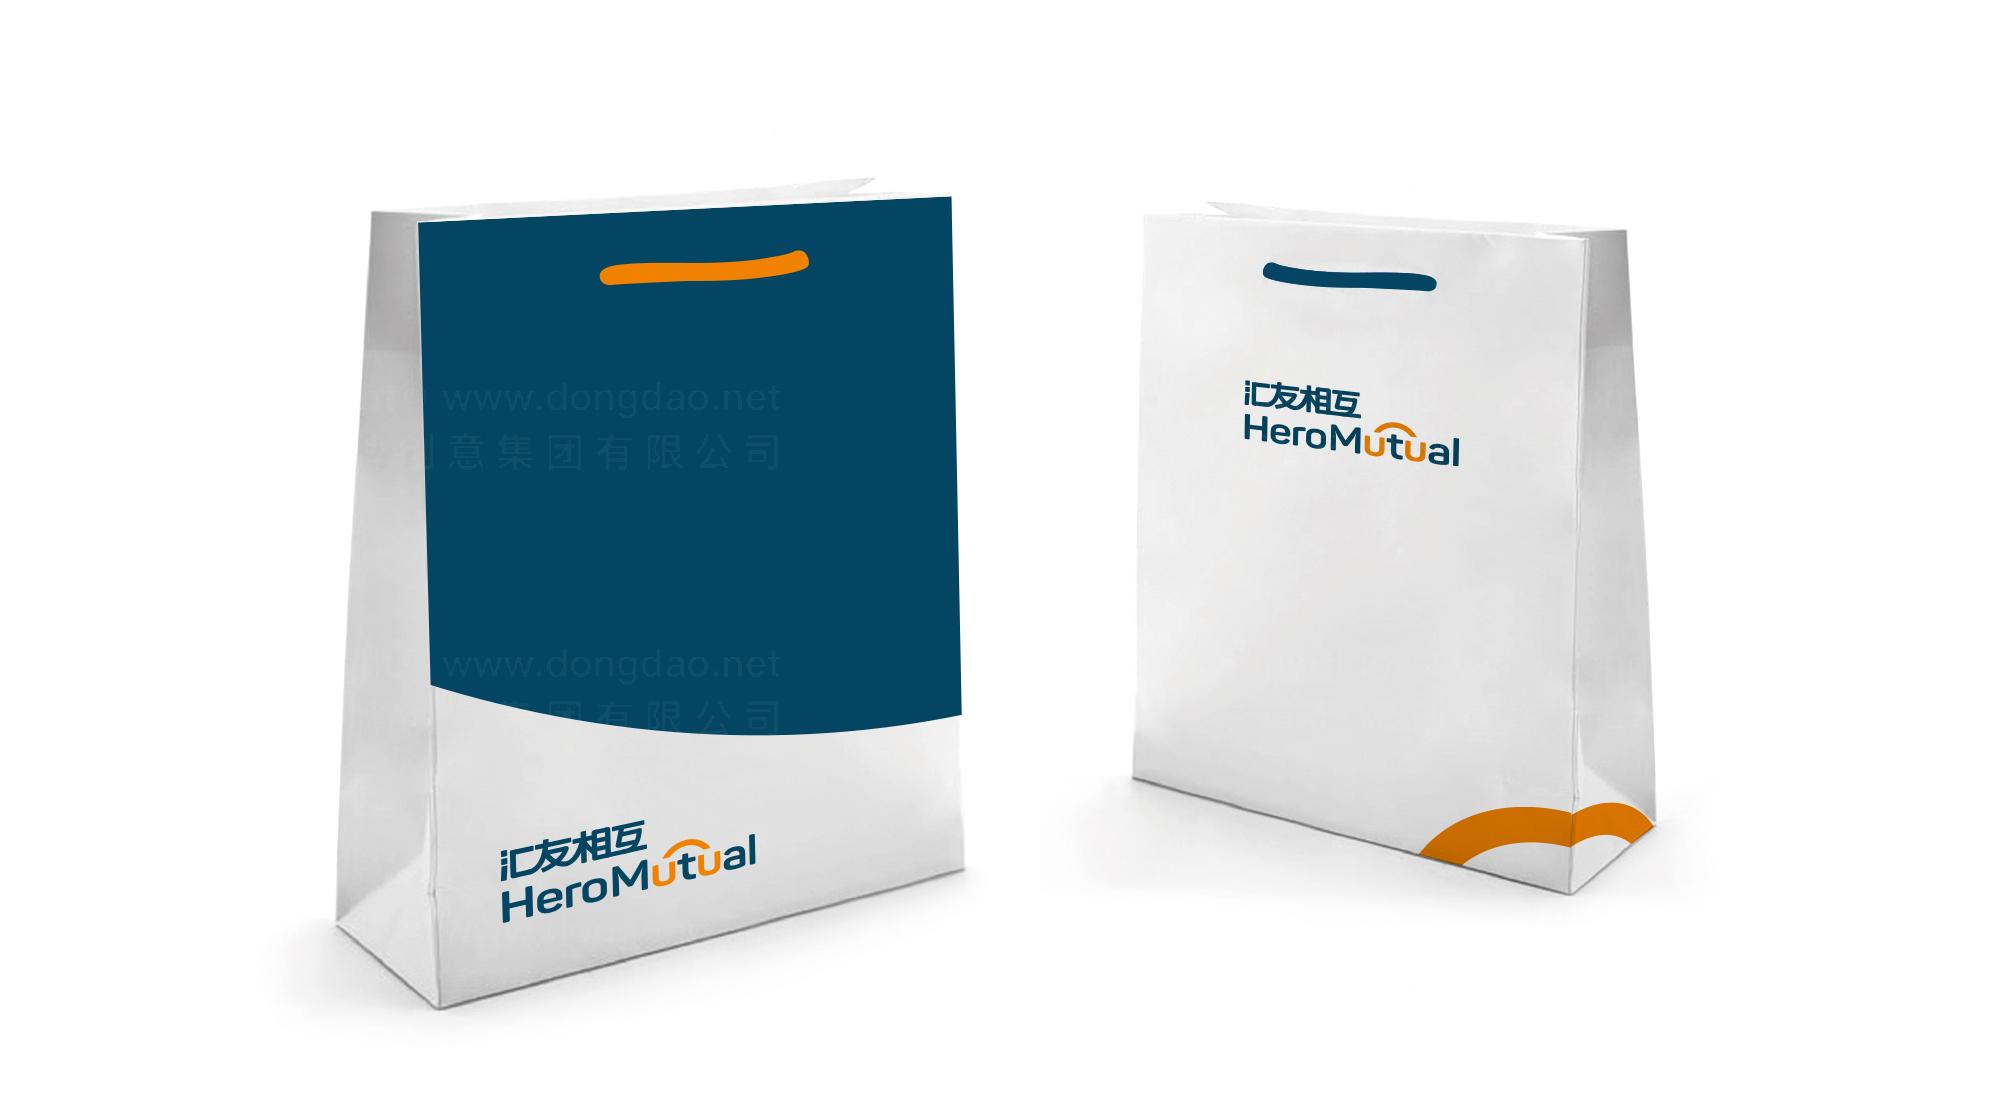 品牌设计汇友相互保险社LOGO&VI设计应用场景_2